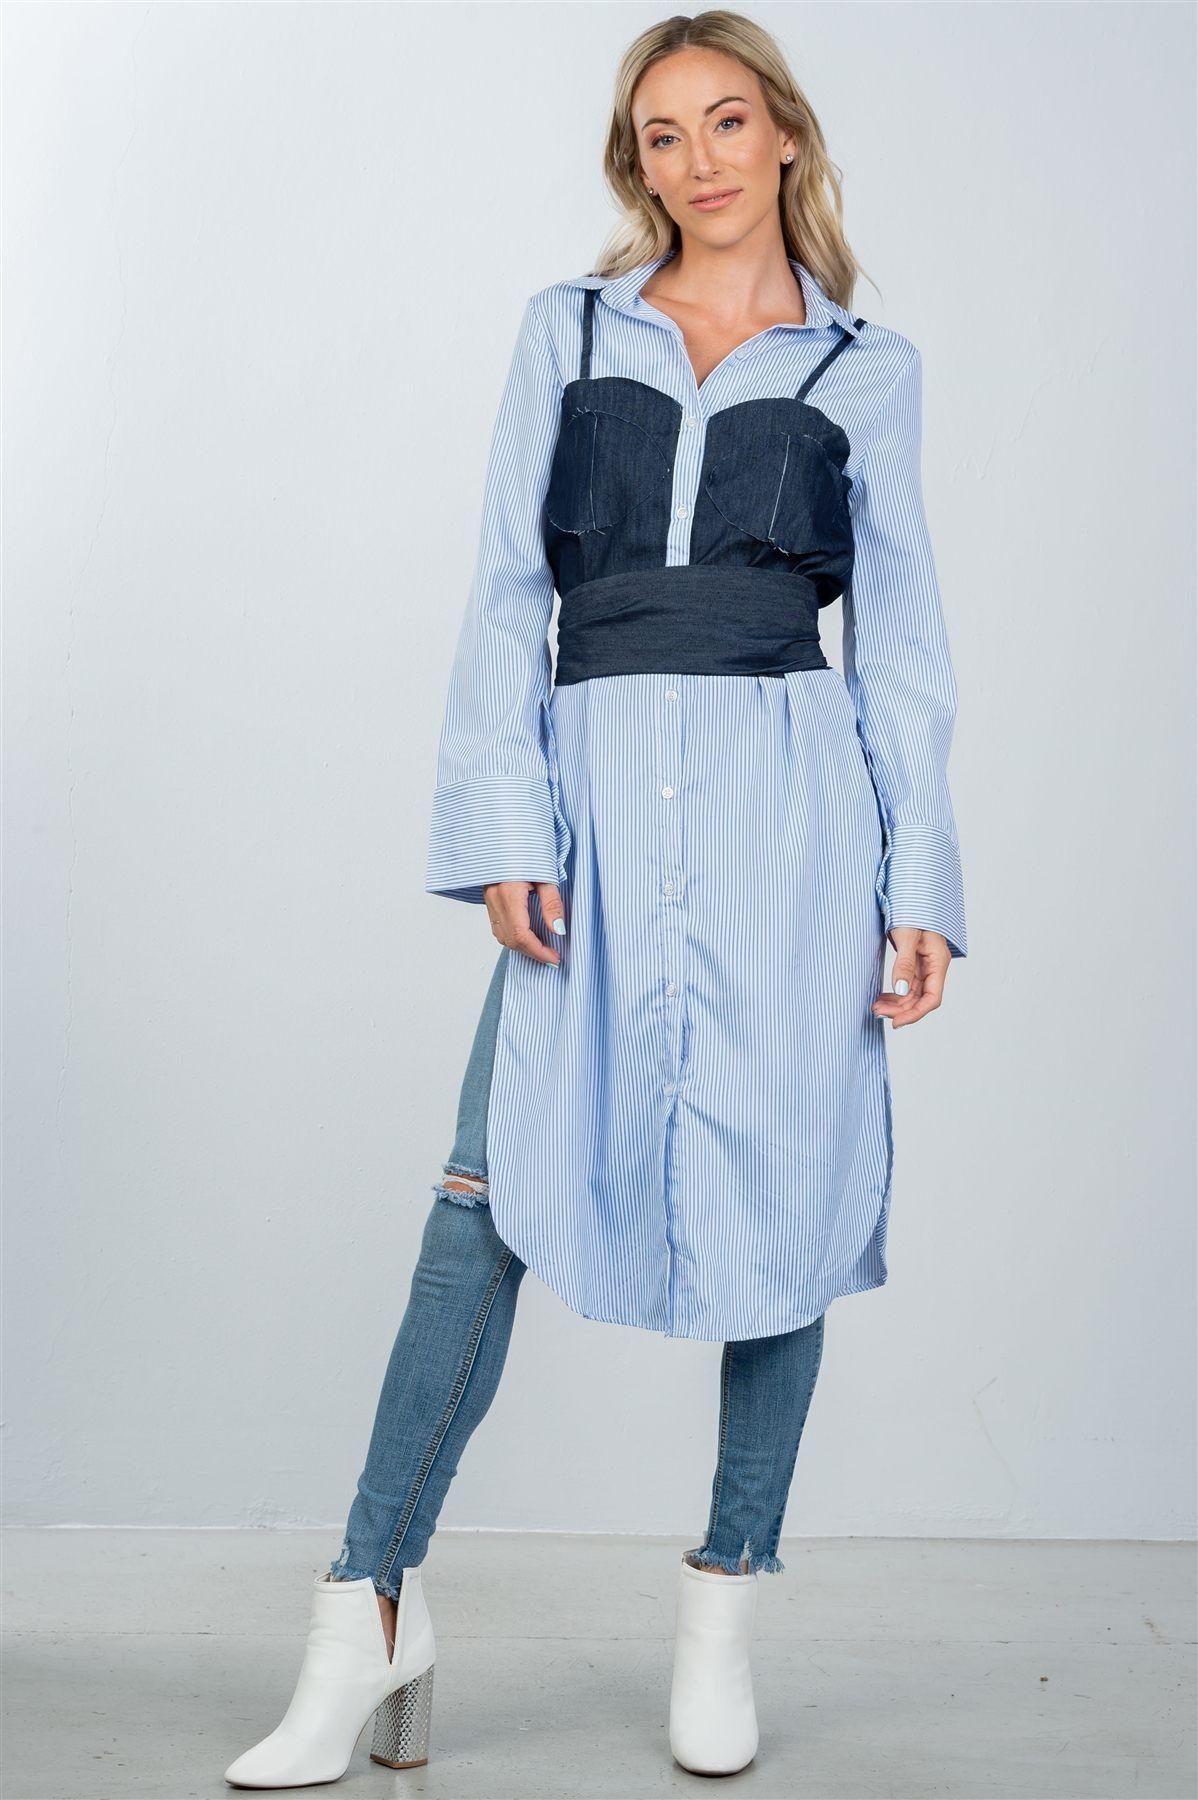 49a2b0763 Ladies fashion denim button down bleach-dye corset shirt – Sassy Gal Fashion